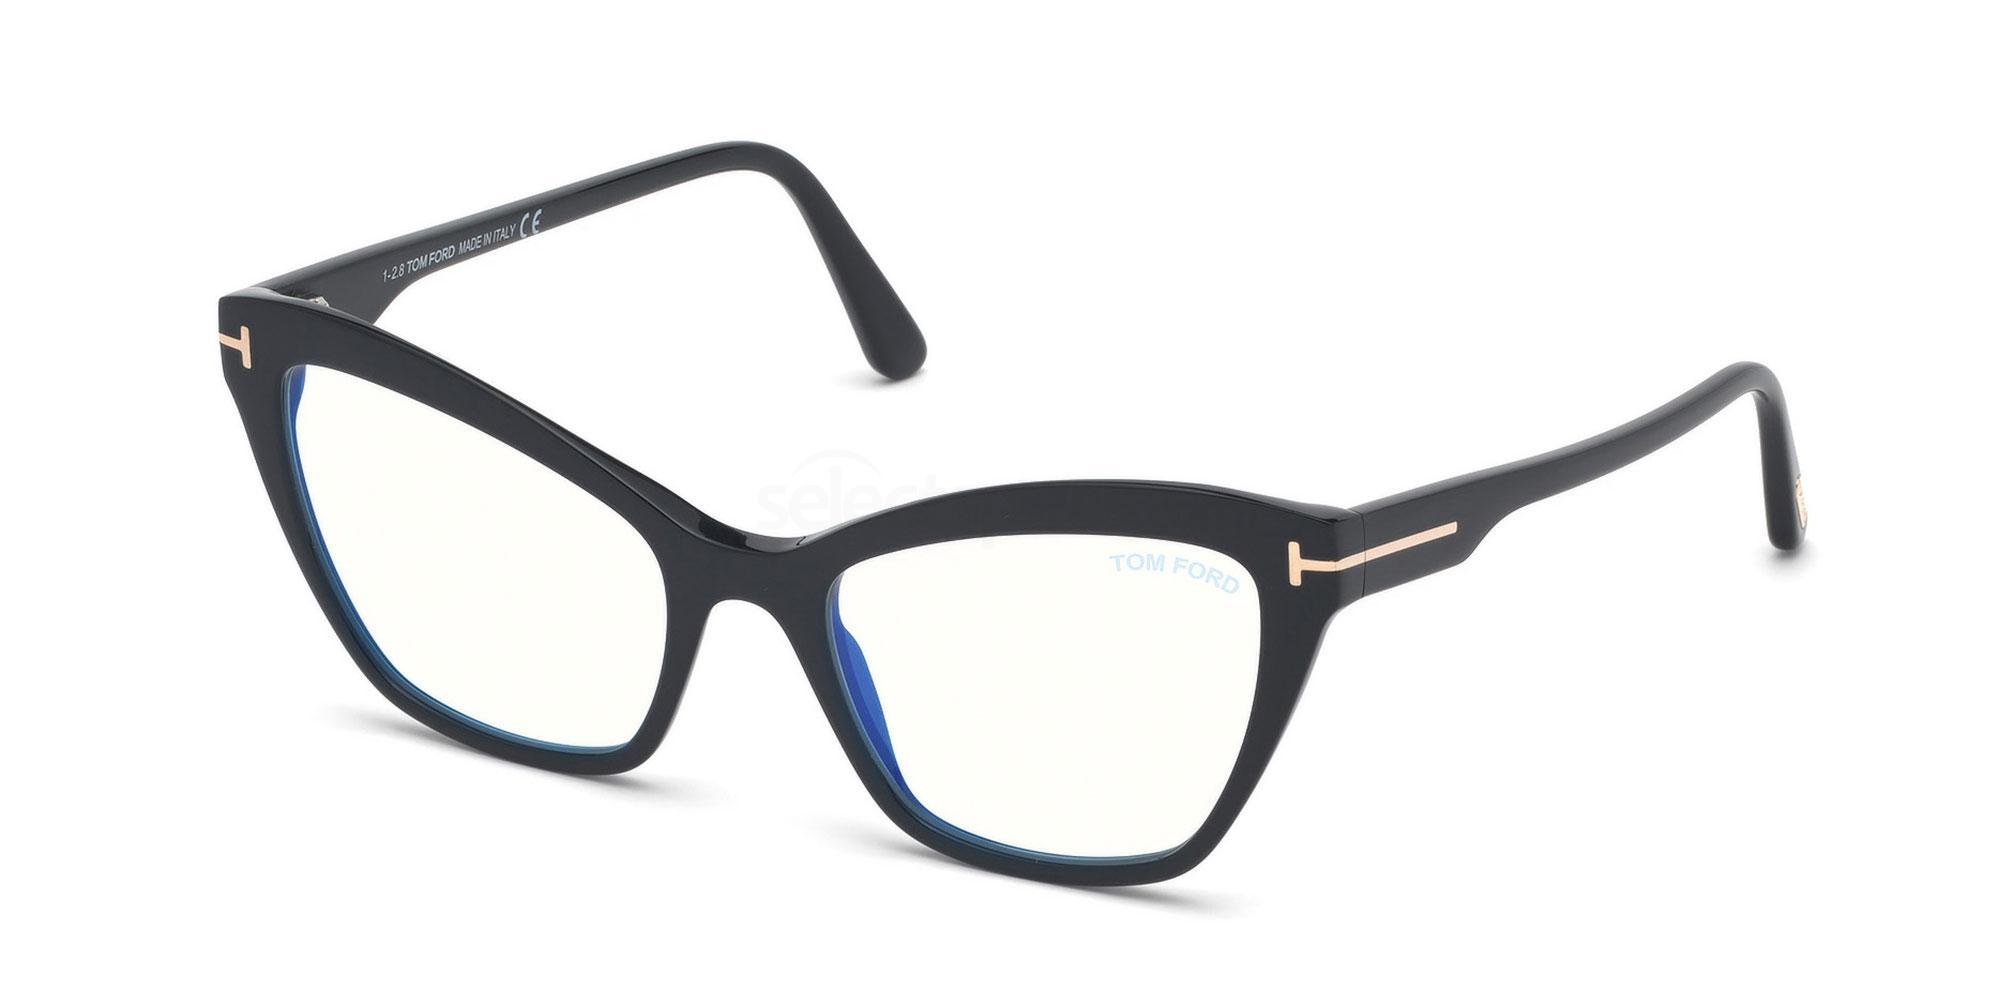 001 FT5601-B Glasses, Tom Ford